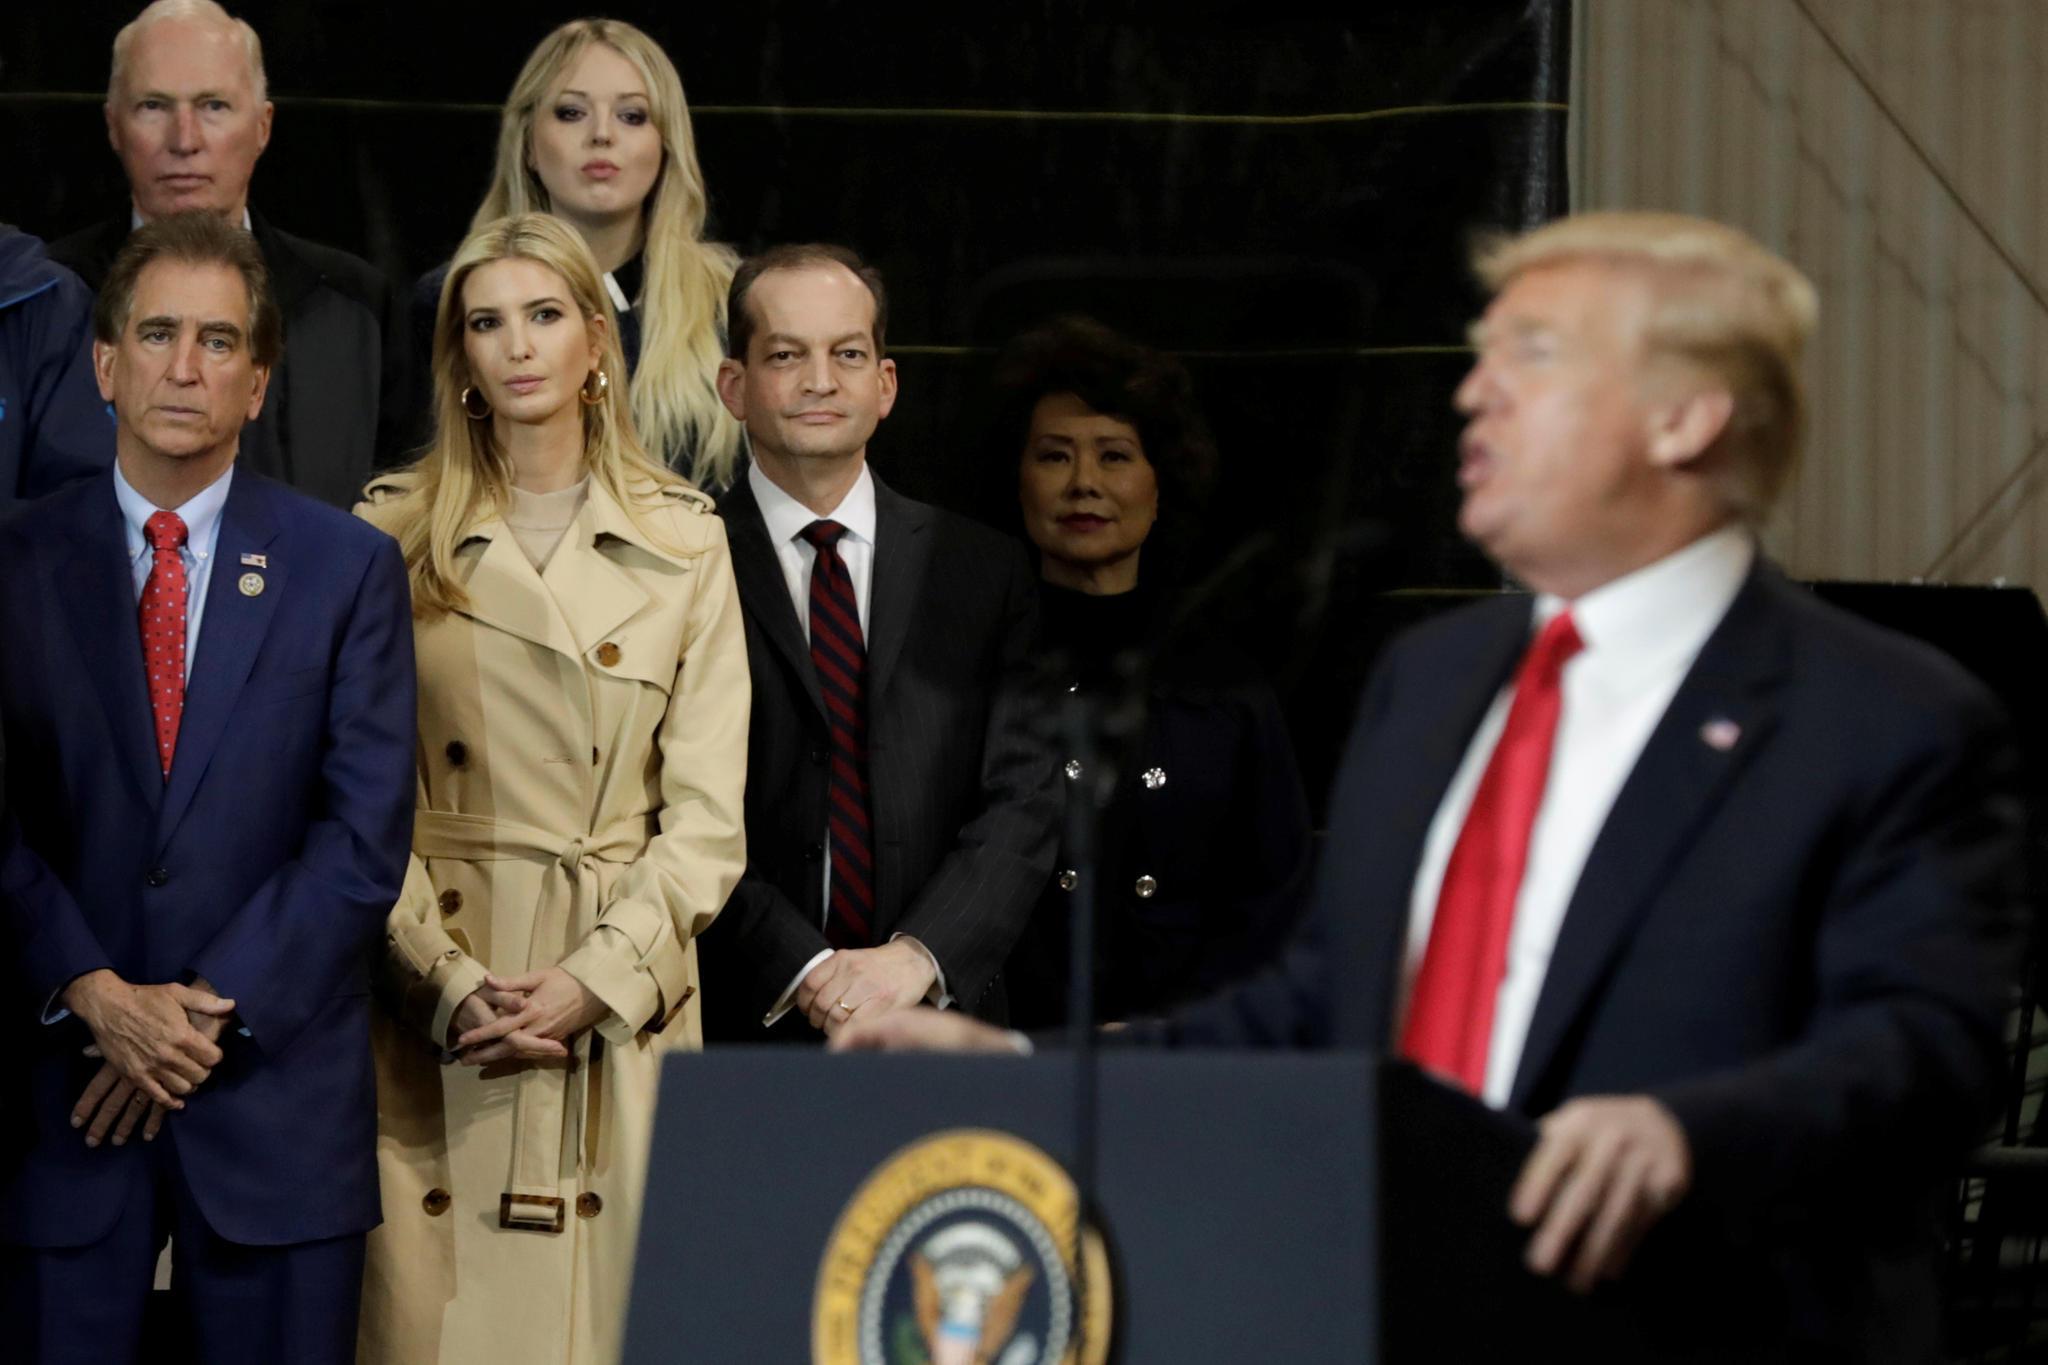 Vor seinen Töchtern Ivanka (vorne) und Tiffany hinten) hält Donald Trump am 29. März 2018 eine Redein Richfield, Ohio.